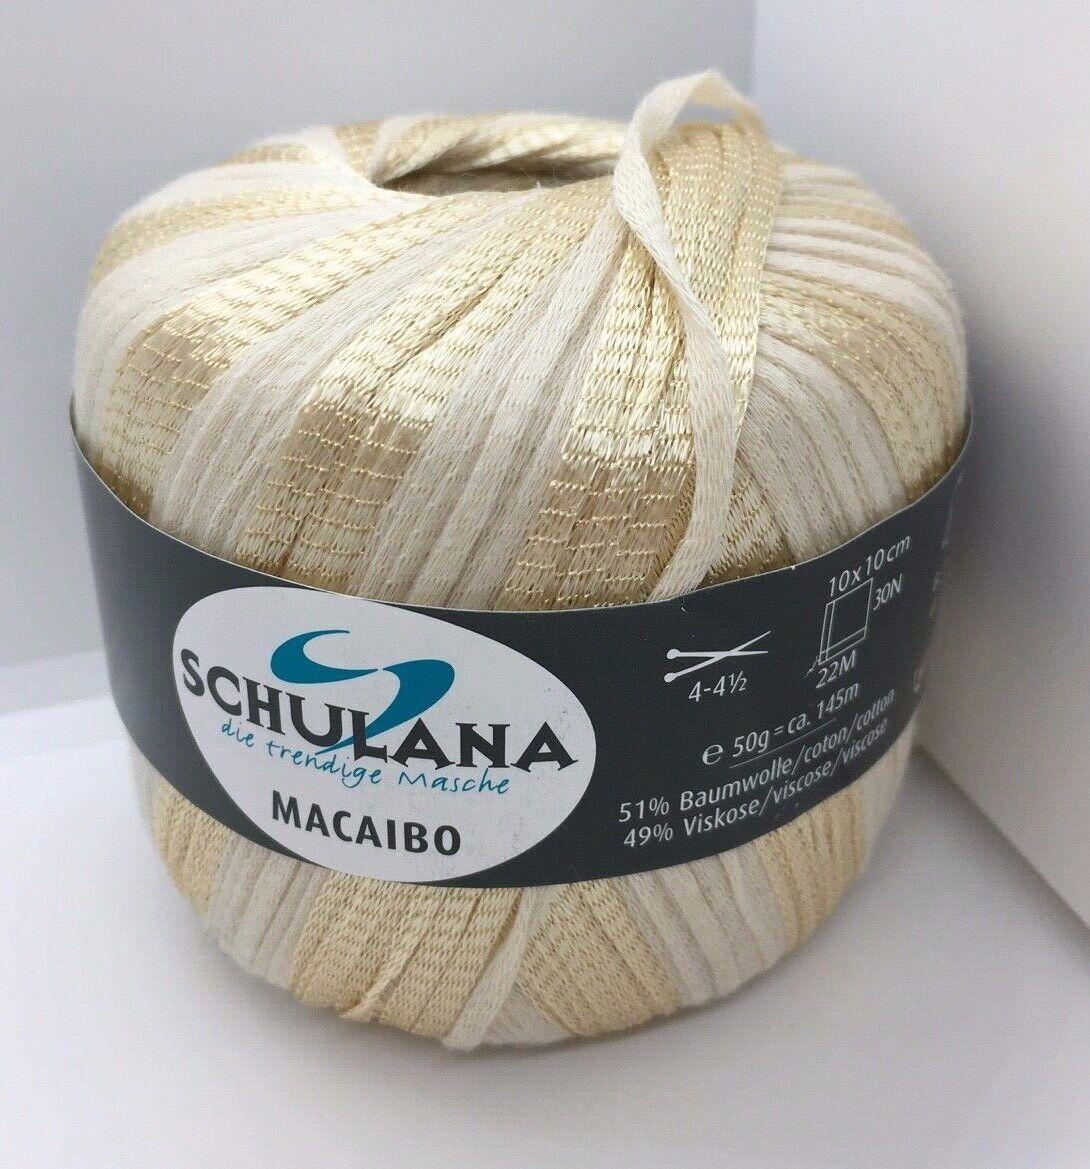 Schulana Macaibo Ribbon Yarn #45 Green Silver Gold White DK 50 gr 158 yards